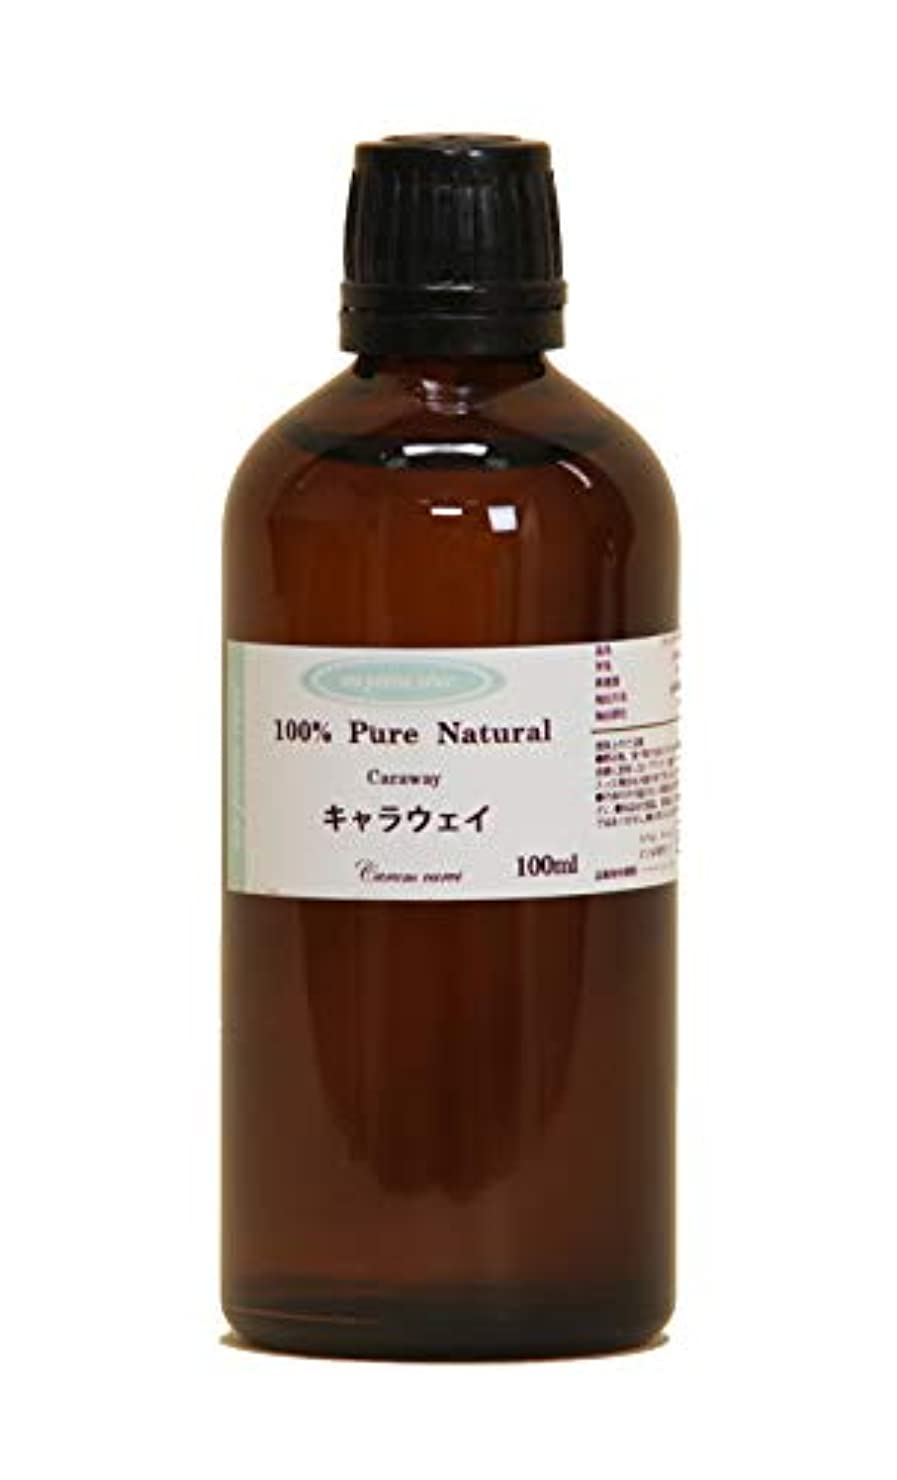 液化する学習馬鹿げたキャラウェイ  100ml 100%天然アロマエッセンシャルオイル(精油)